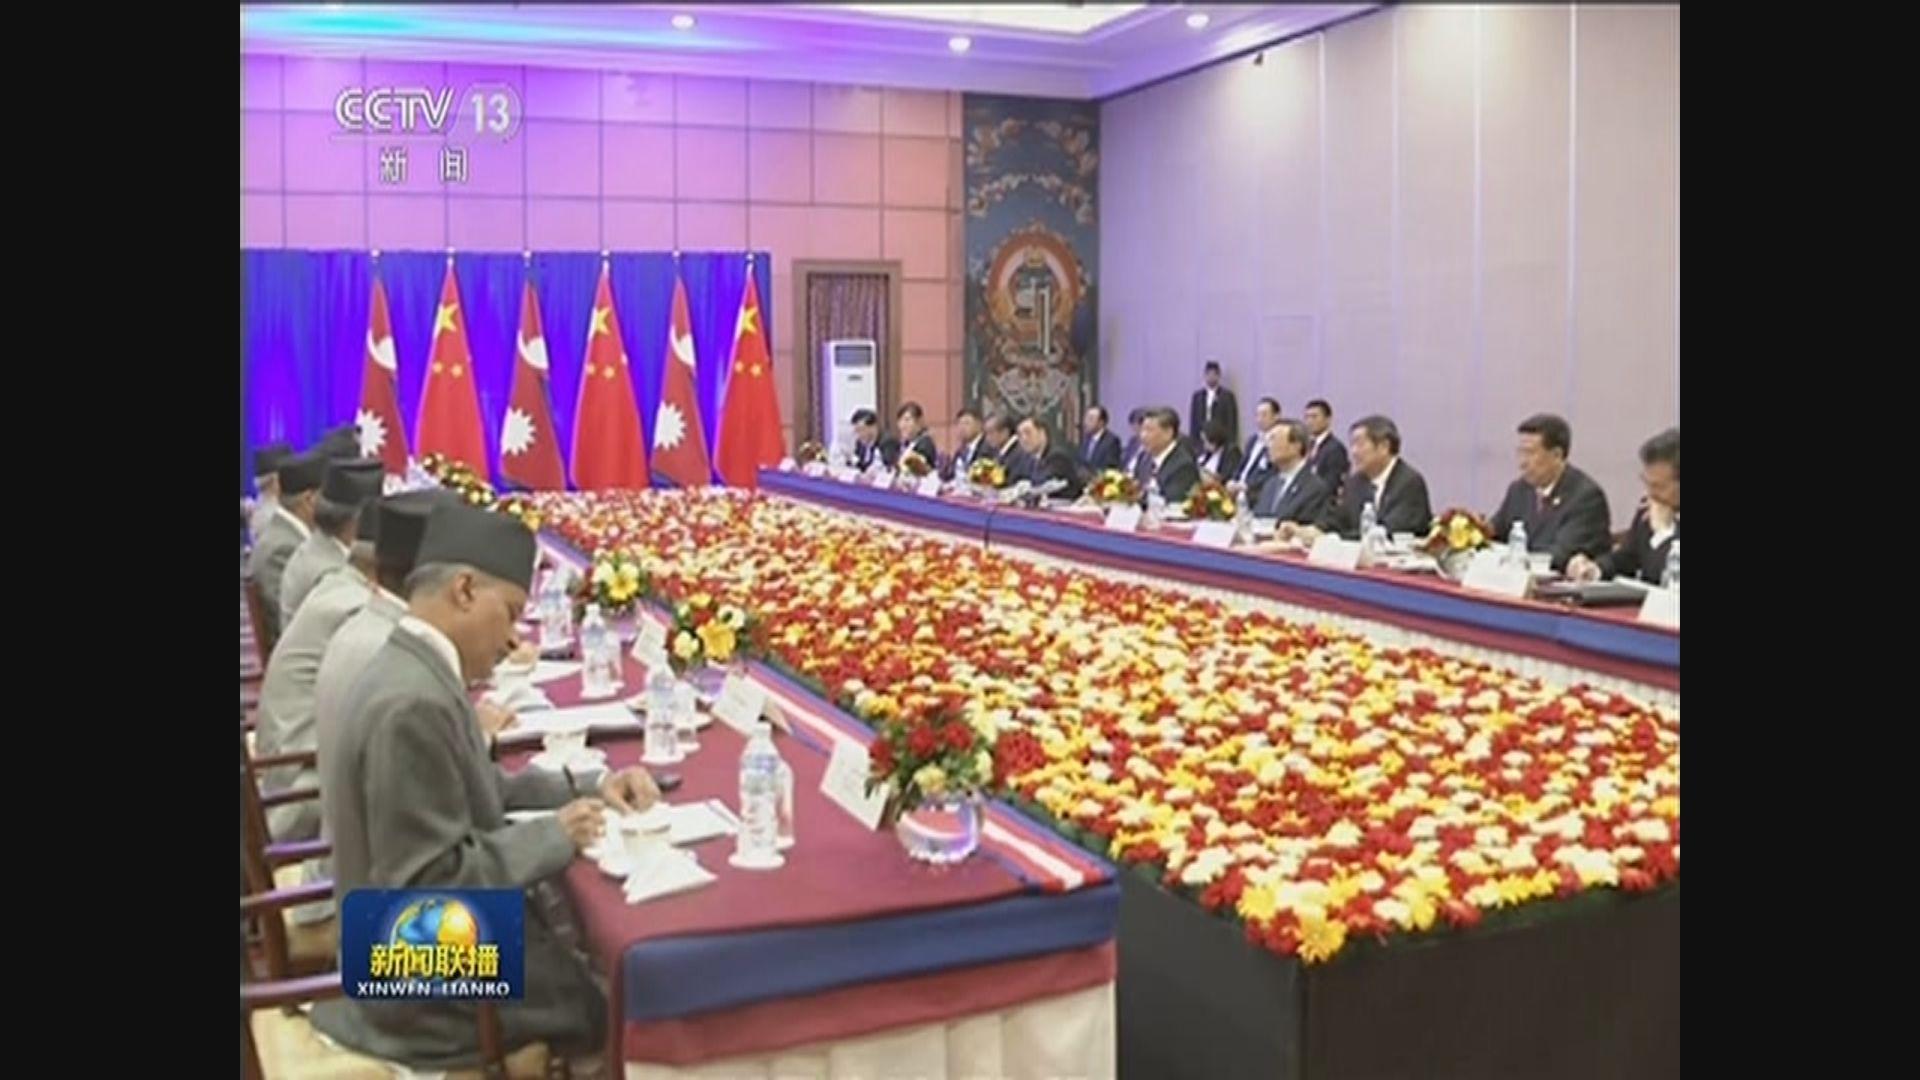 中國及尼泊爾簽署多項協議及諒解備忘錄